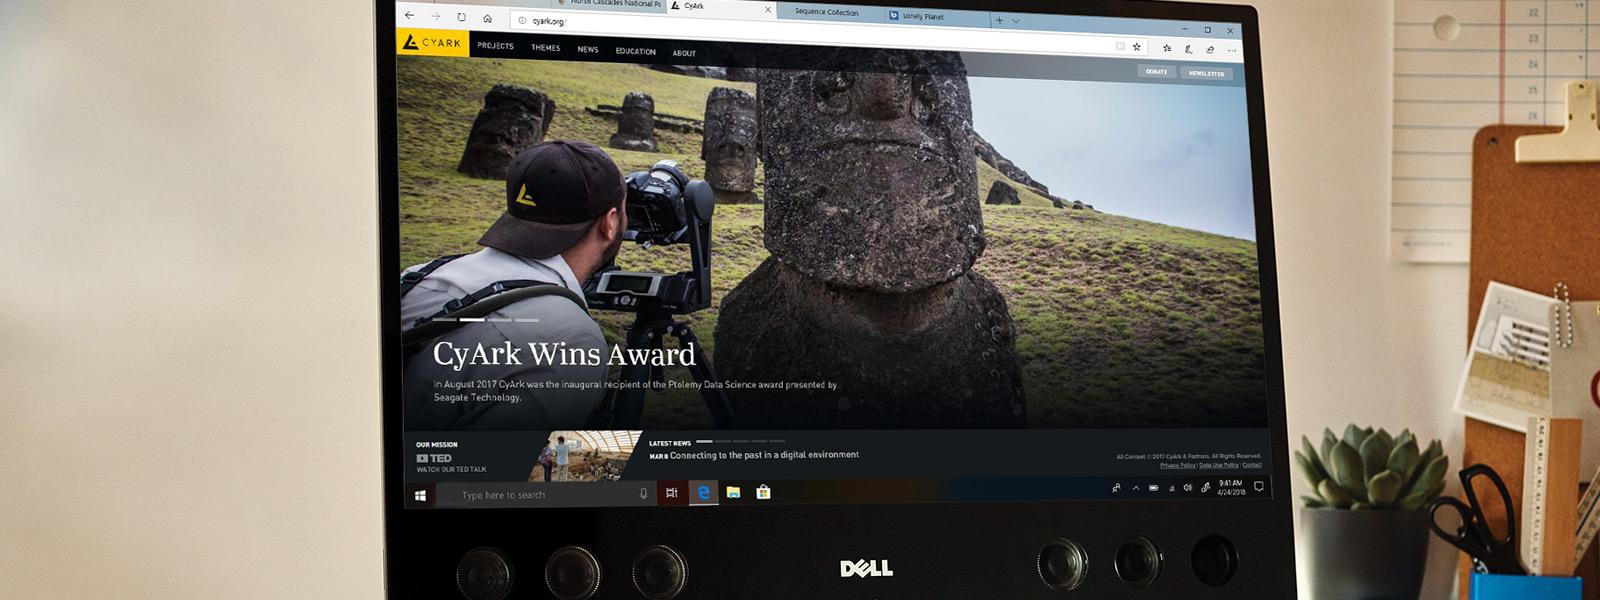 Datorskärm på ett skrivbord, som visar en Microsoft Edge-webbläsare med en 4K Ultra HD-video som spelas